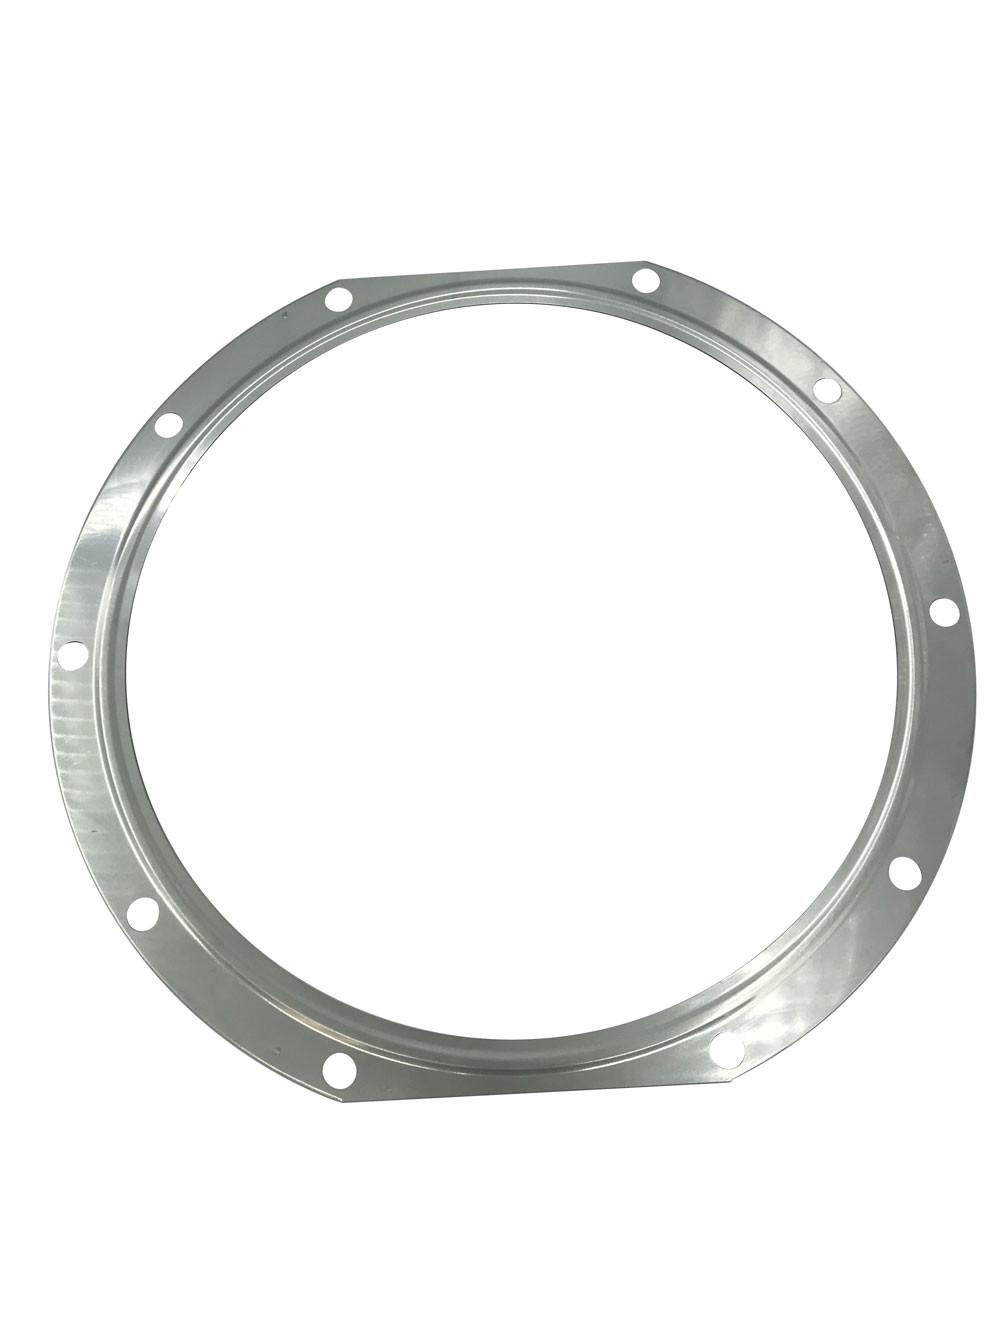 ISUZU DPF GASKET | OEM 8-97611092-0